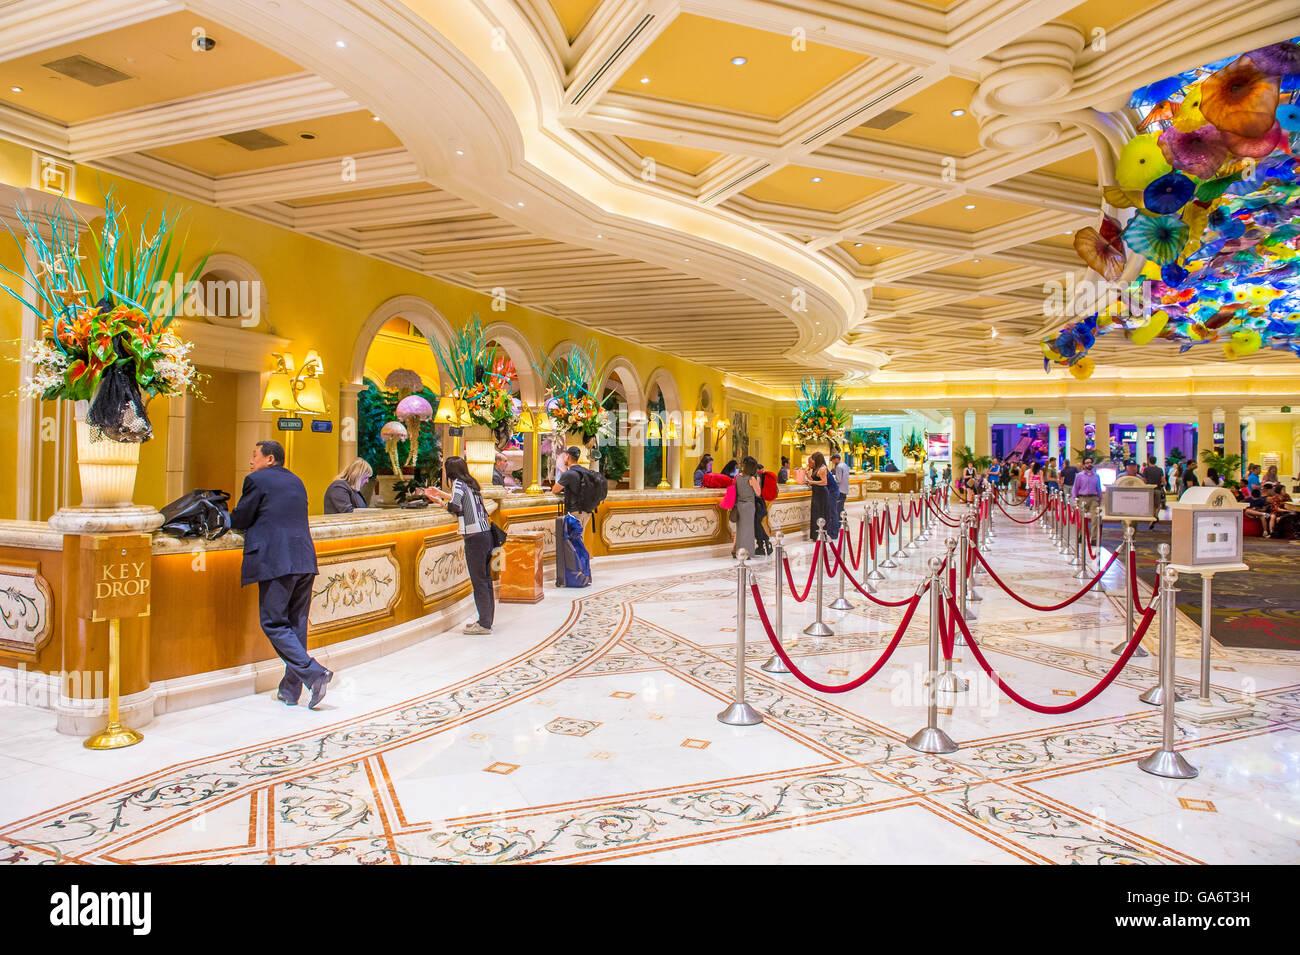 Bellagio Lobby - Bellagio Glass Ceiling |Las Vegas Bellagio Hotel Lobby